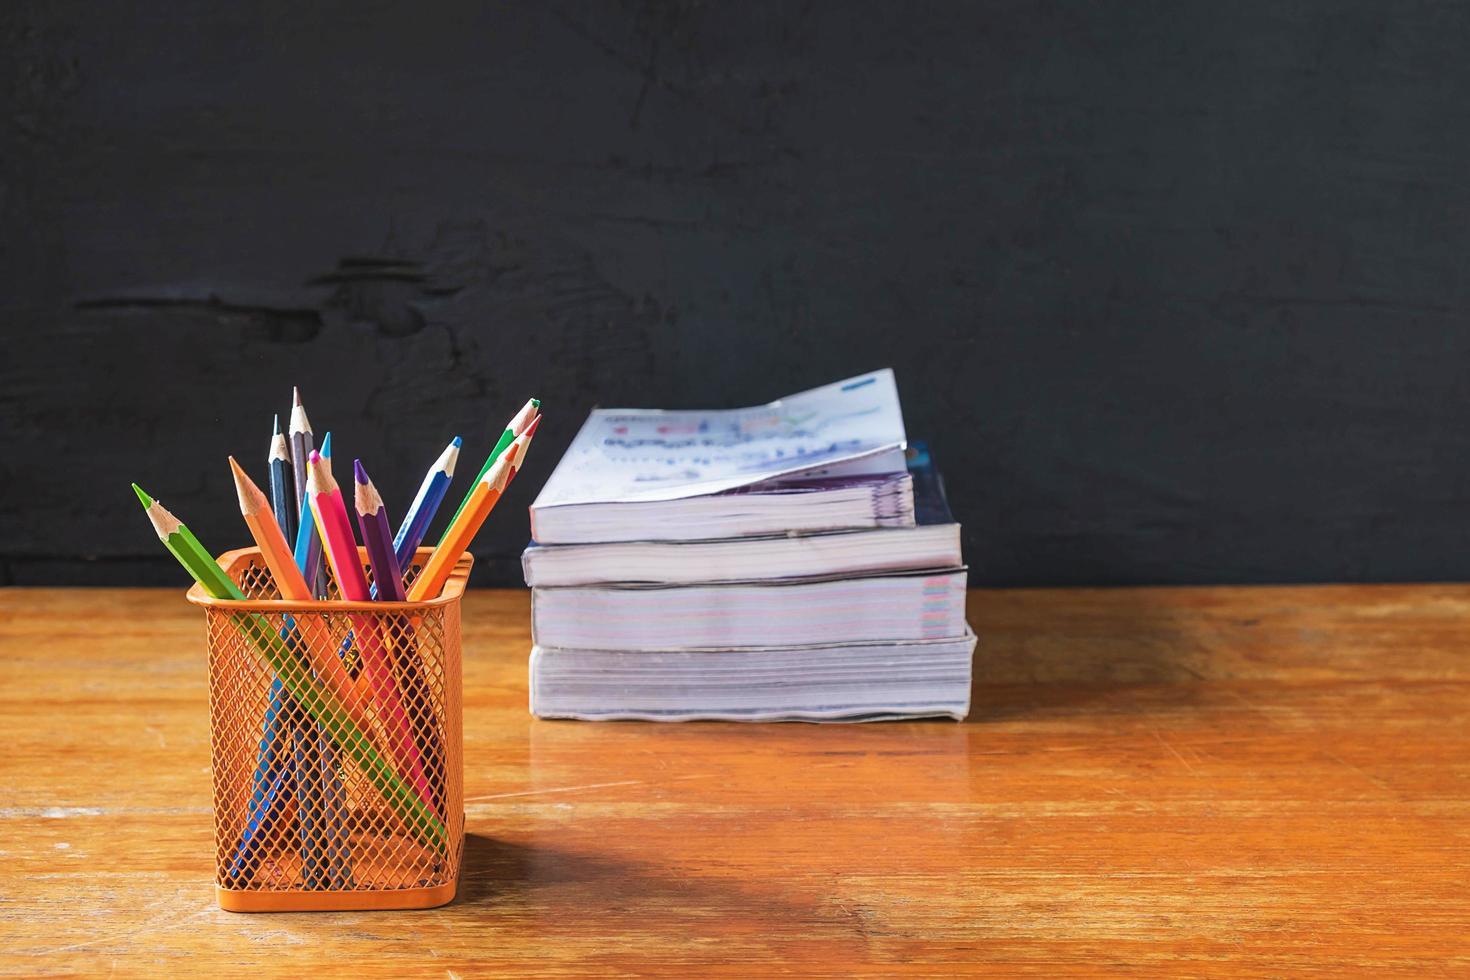 kopje potloden en een stapel boeken op een houten tafel naast een zwarte muur foto